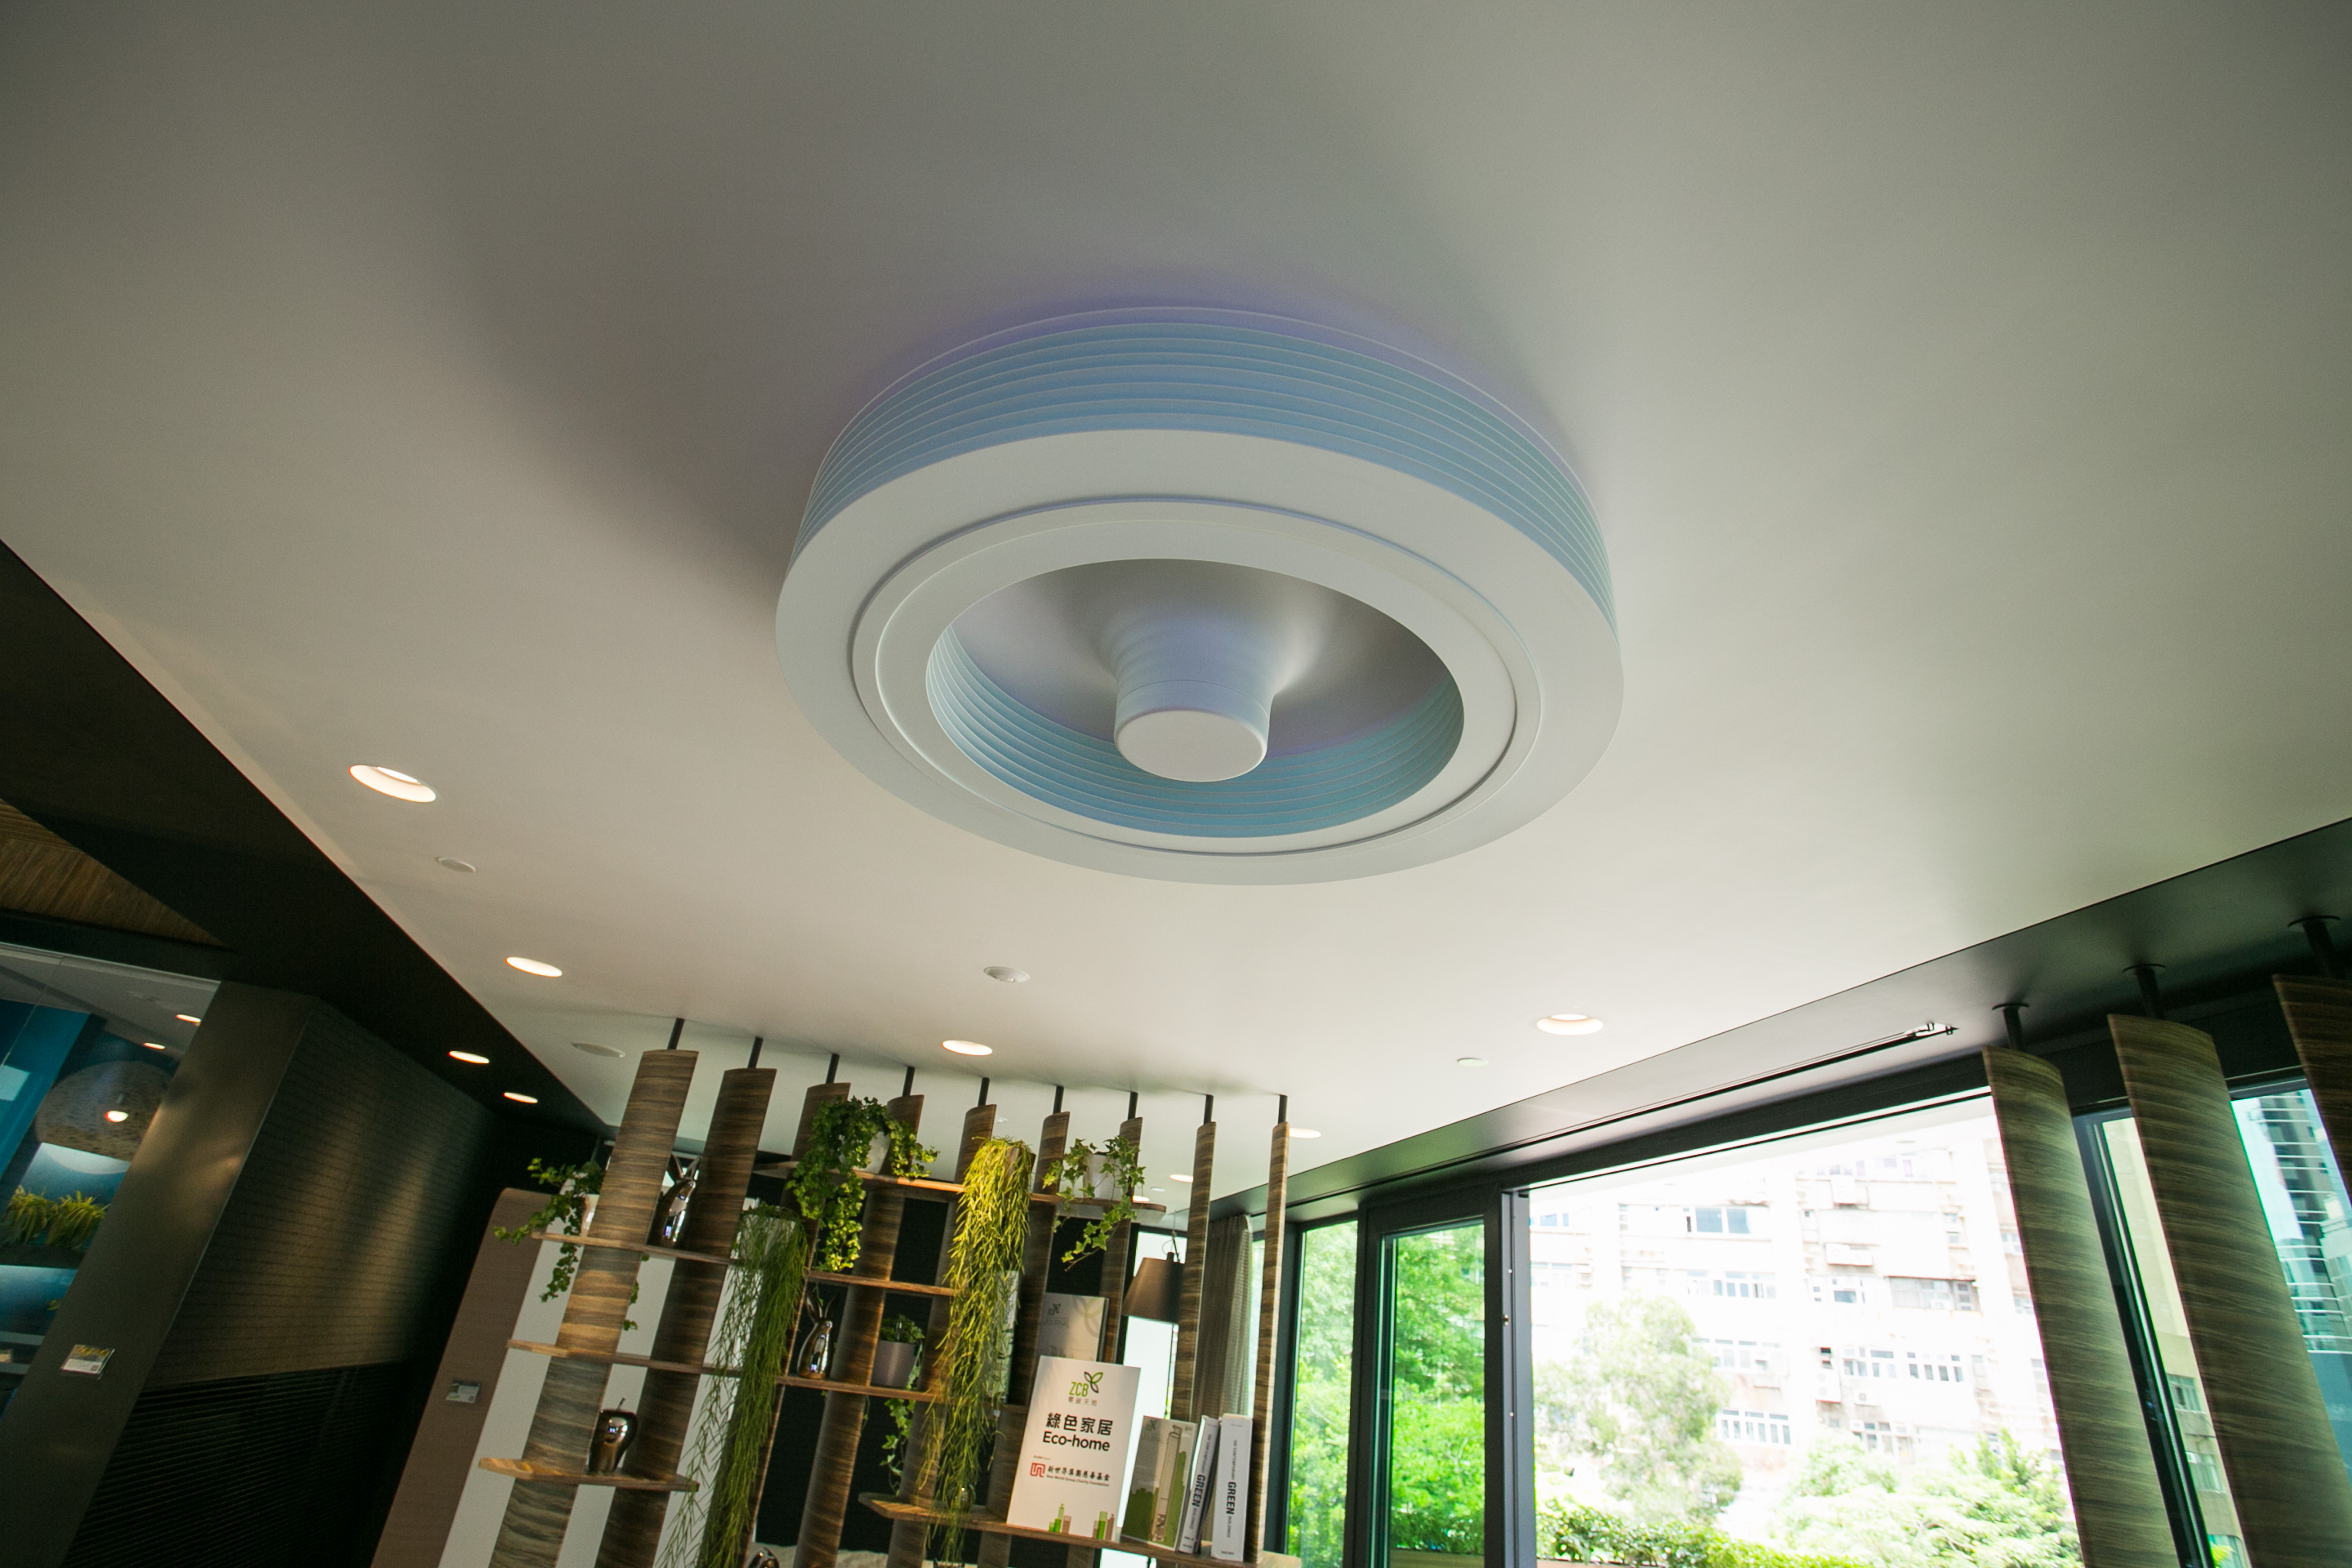 dyson ceiling fans photo - 10